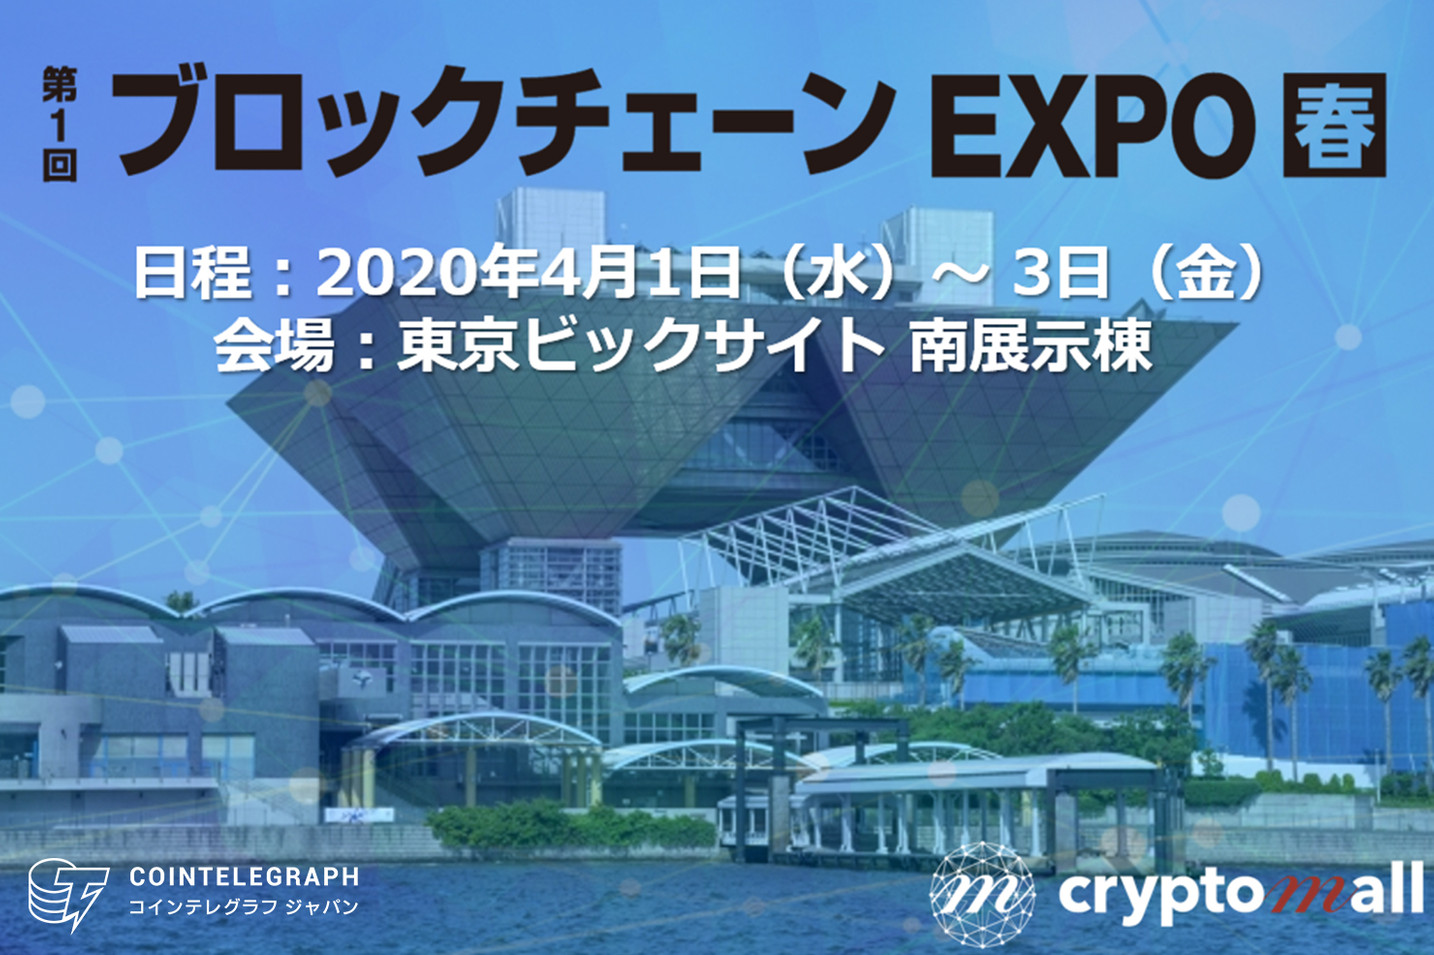 【東京ビックサイト】国内史上初!4月1日~3日までの3日間開催されるブロックチェーン技術の専門展「第1回 ブロックチェーンEXPO【春】」に「cryptomall(クリプトモール)」が出展!